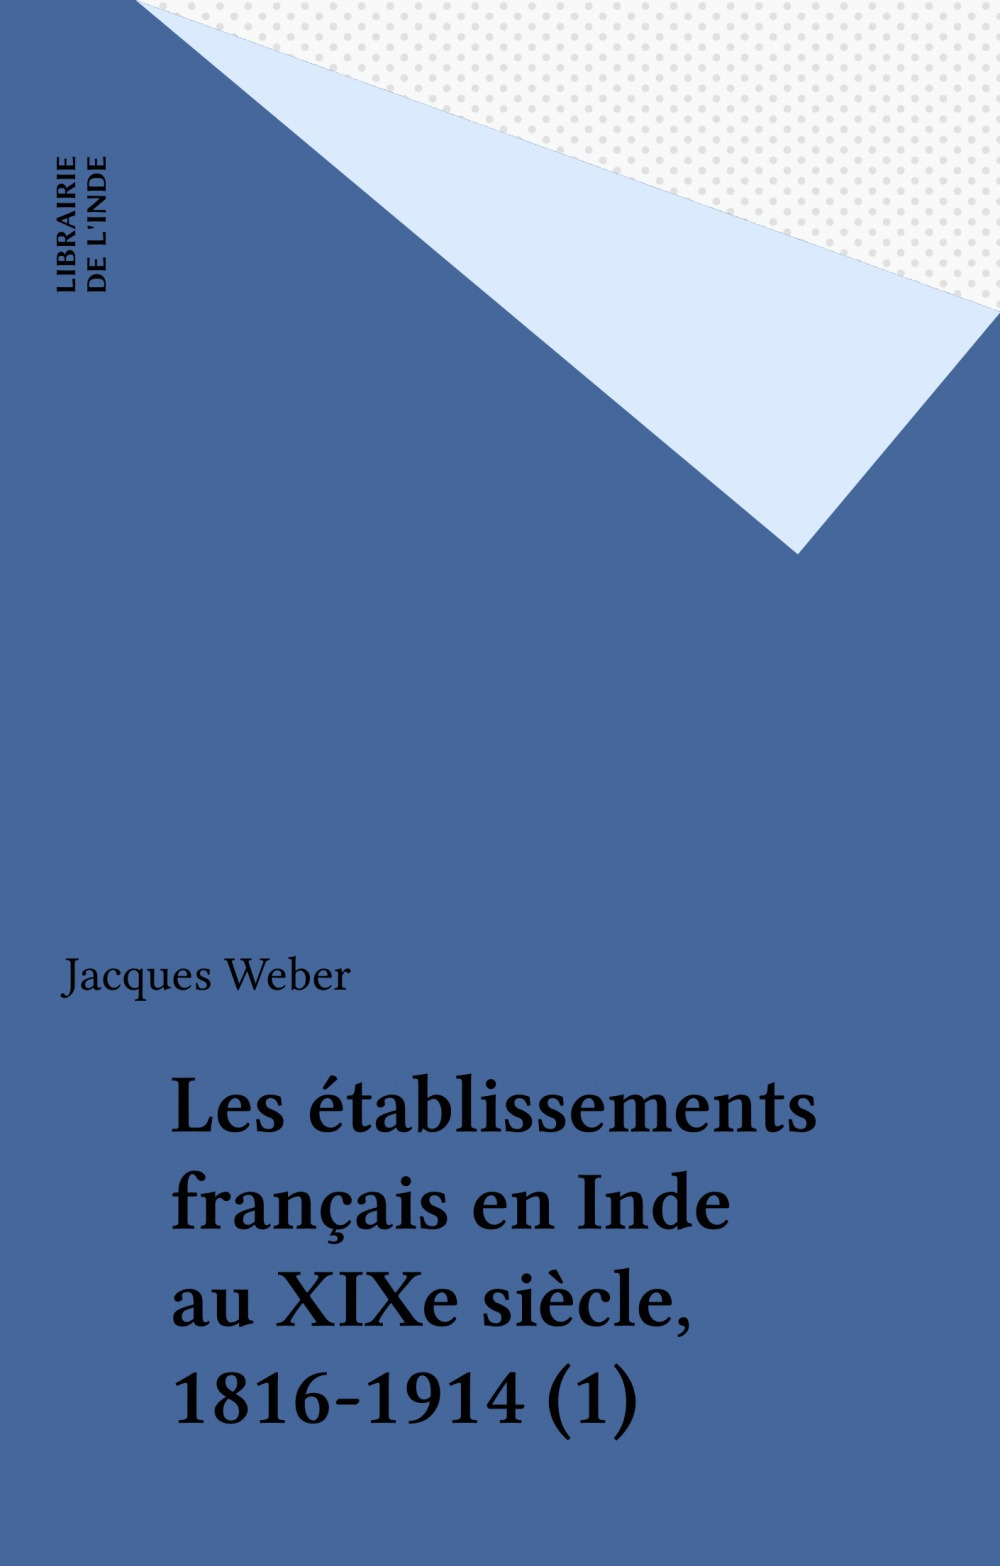 Les établissements français en Inde au XIXe siècle, 1816-1914 (1)